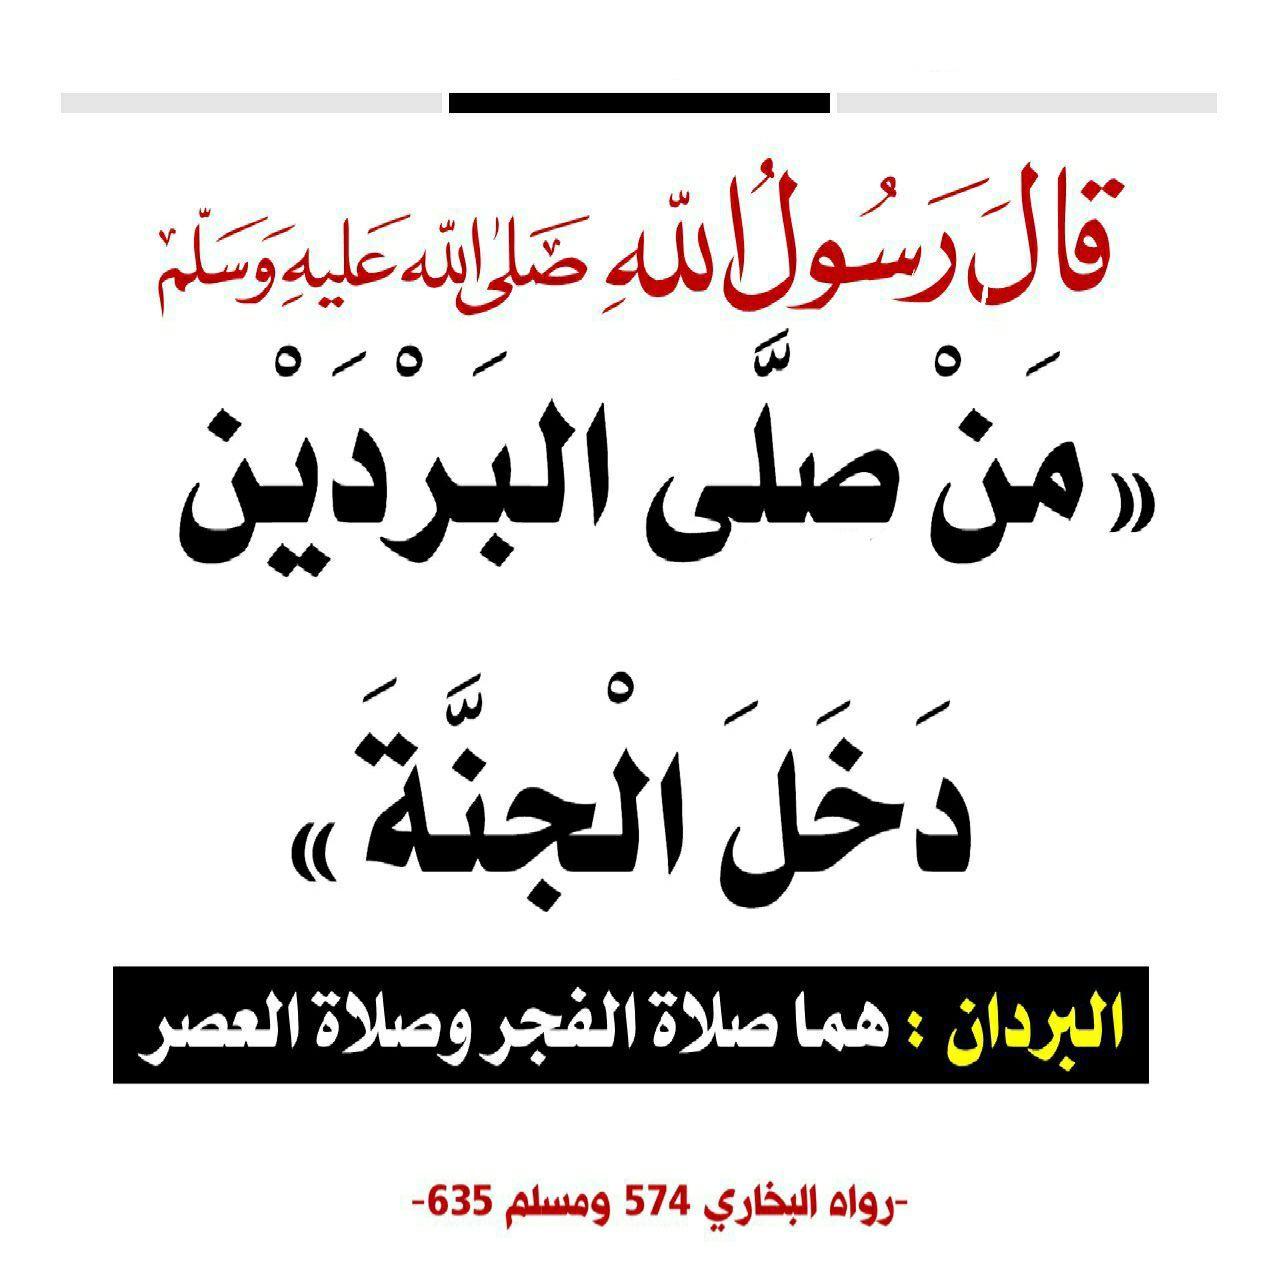 جس شخص نے ٹھنڈے وقتوں کی 2 نمازیں پڑھیں وہ جنت میں داخل ھو گا یعنی نماز فجر و عصر Islam Facts Quran Verses Islam Quran